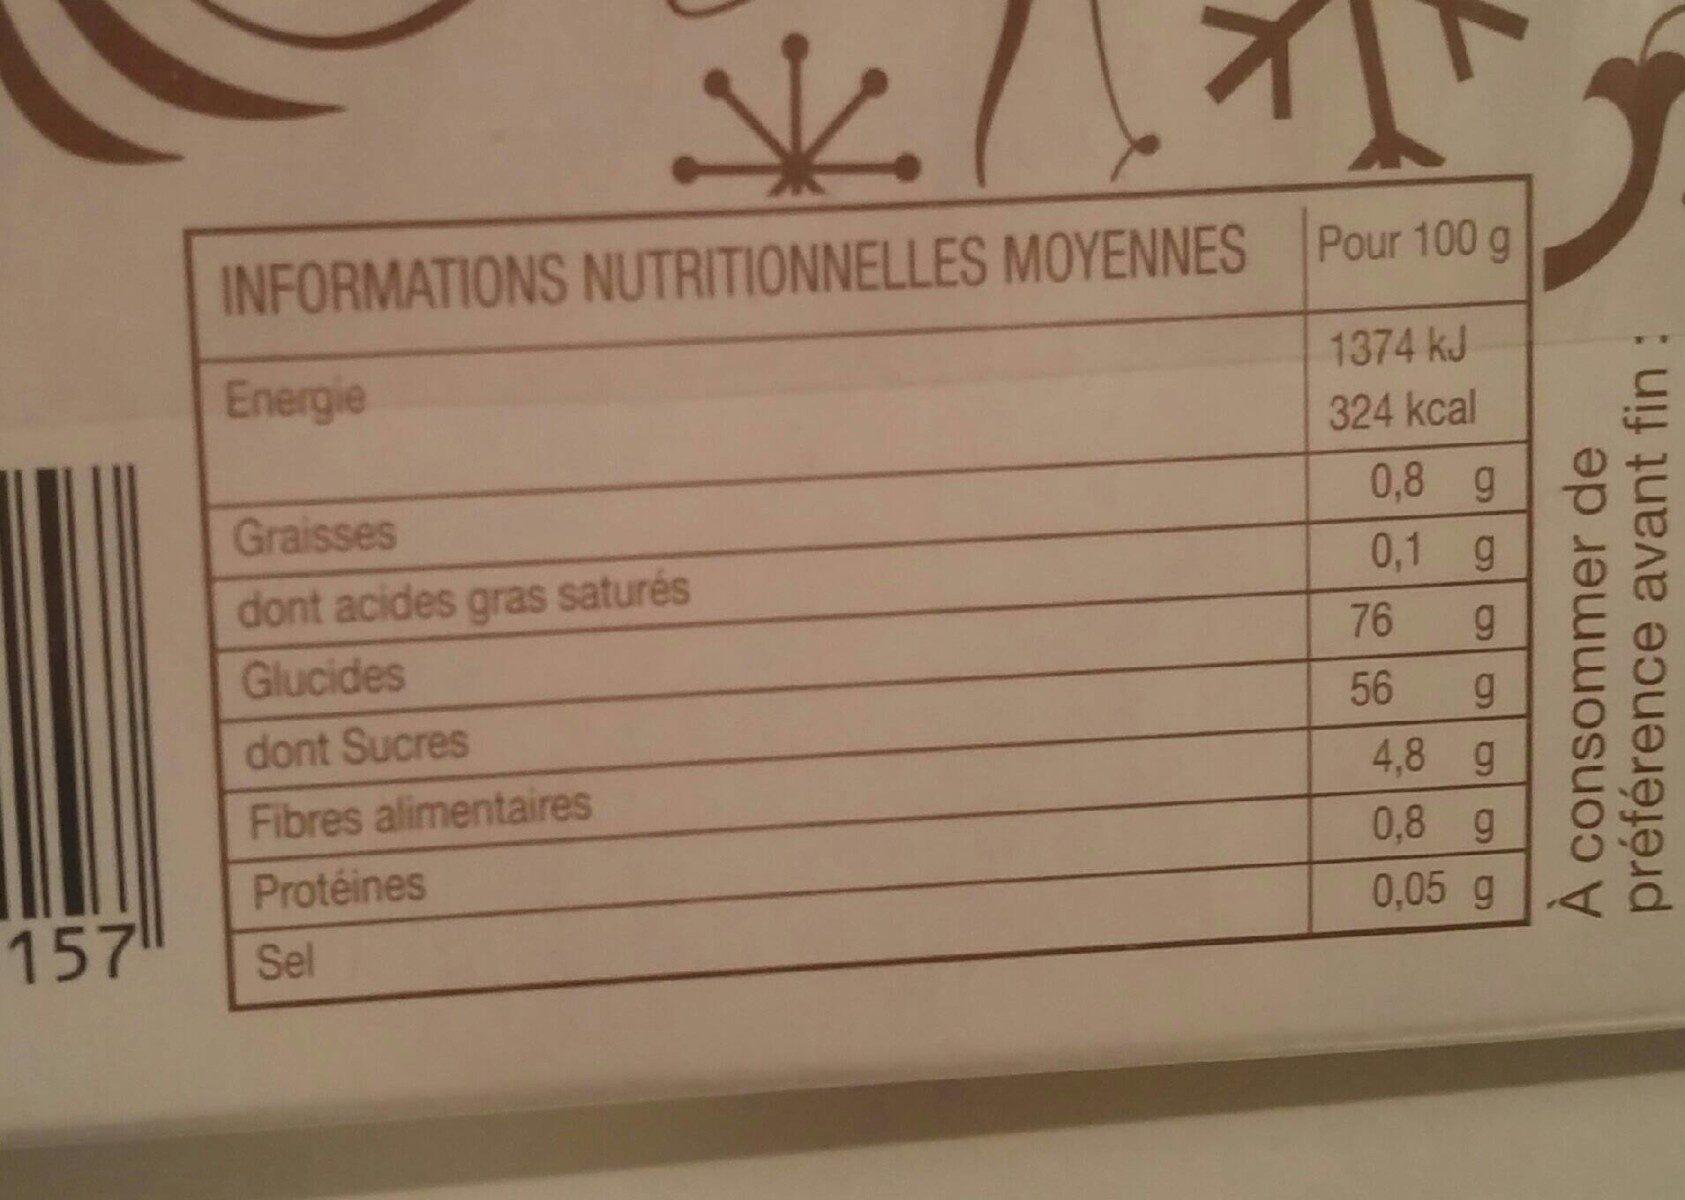 Marrons Glacés Entiers - Informations nutritionnelles - fr